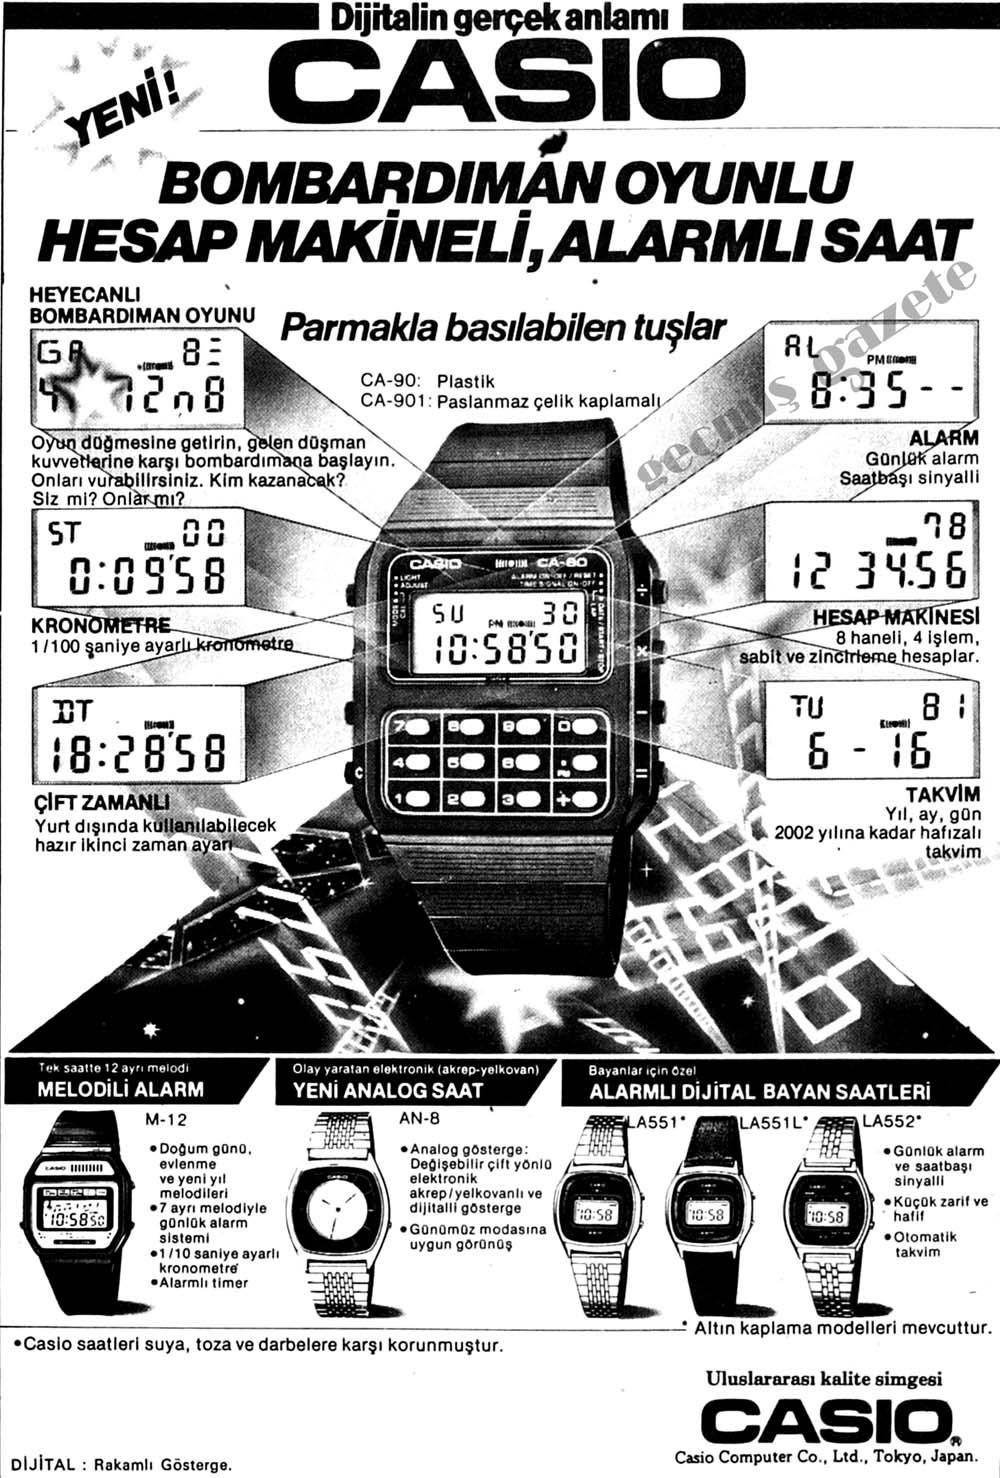 Casio bombardıman oyunu, hesap makineli, alarmlı saat